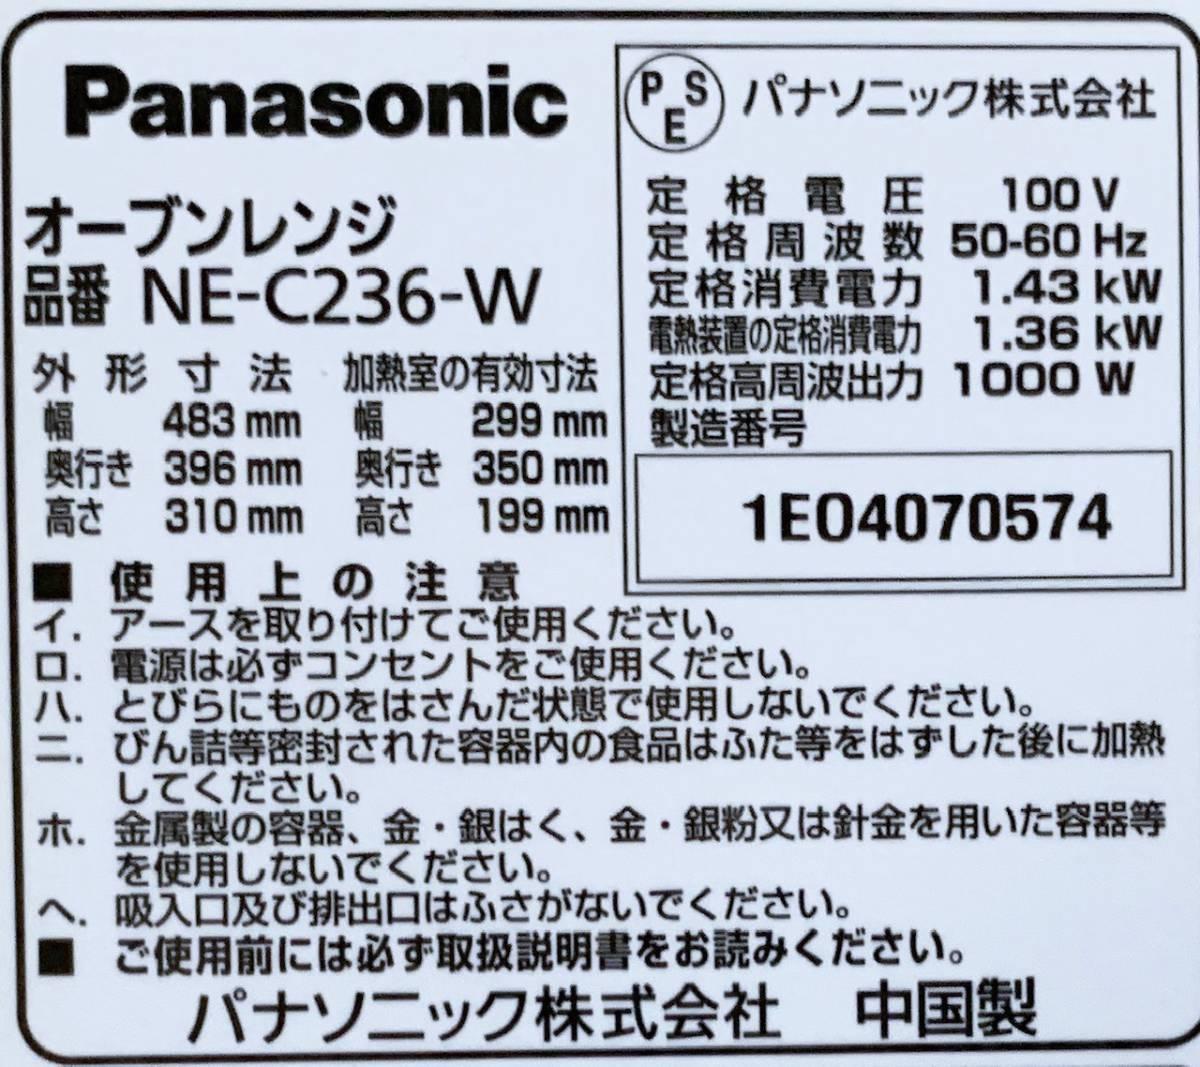 [NE-C236-W* очень красивый товар ]Panasonic*erek* угол тарелка конвекционно-паровая печь * исправно работающий товар!